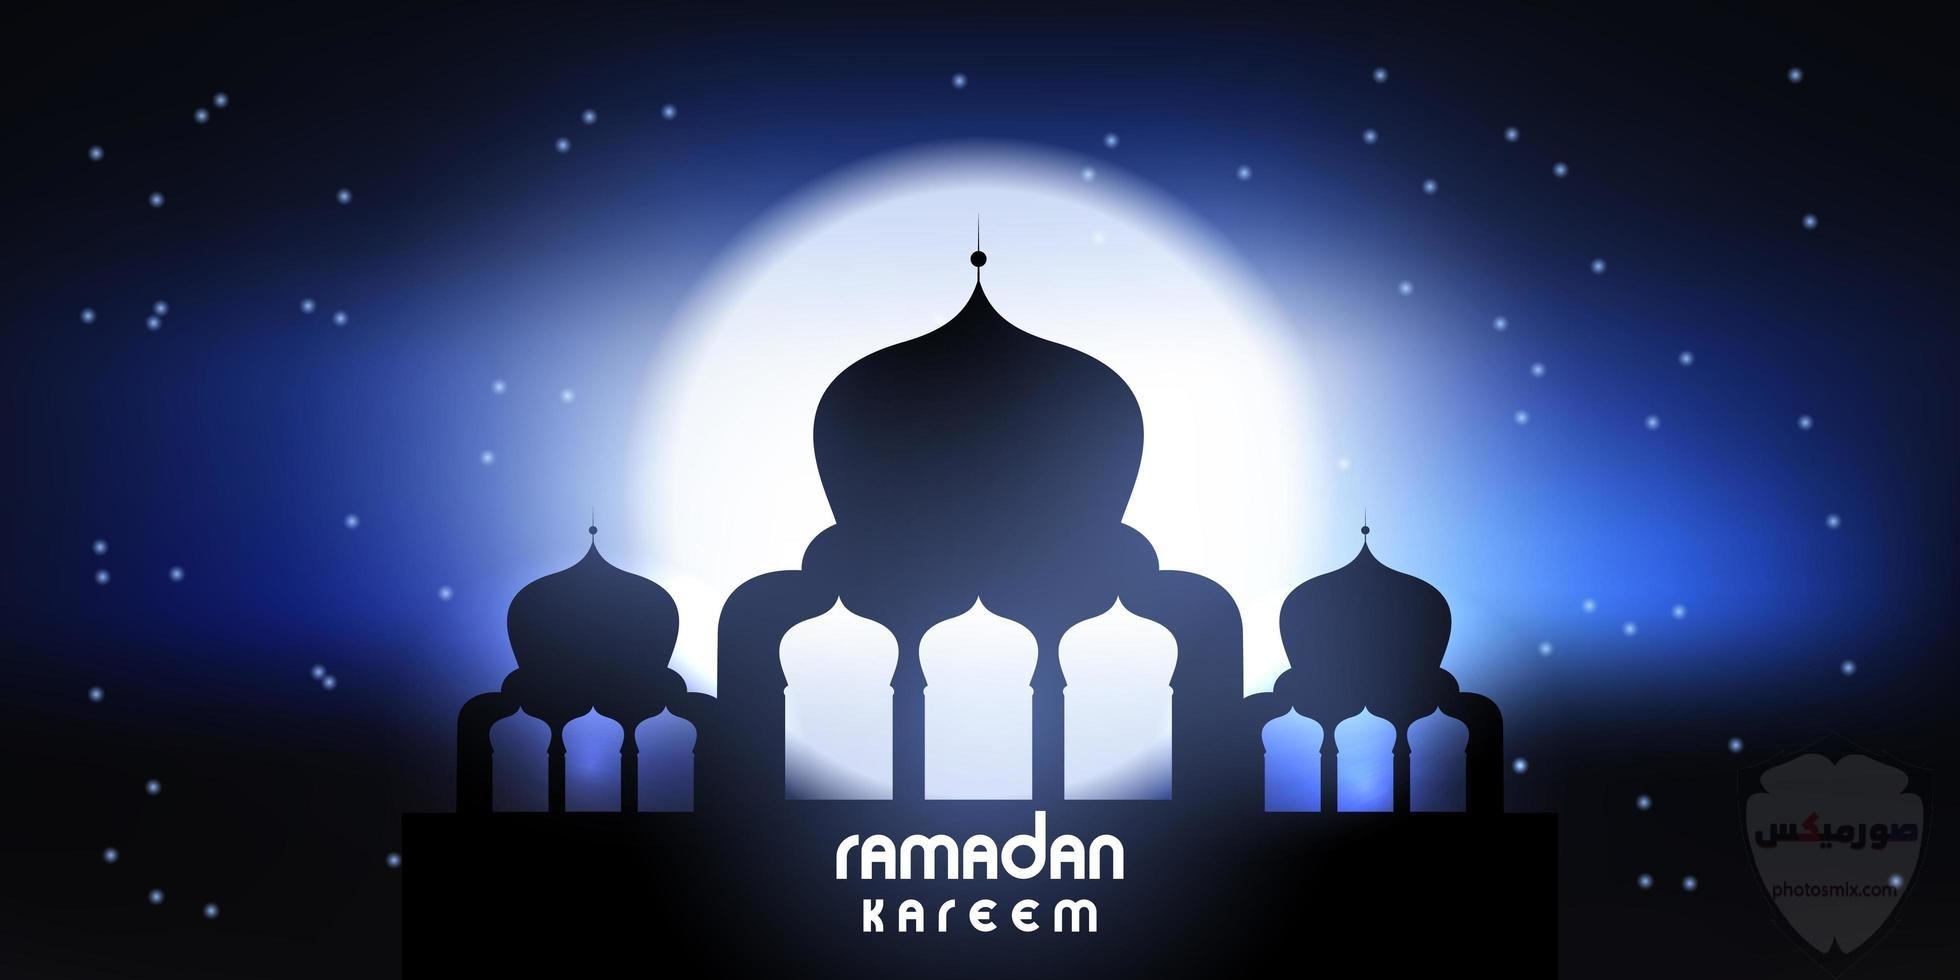 صور رمضان 2020 اجمل صور فوانيس وادعية رمضان 8